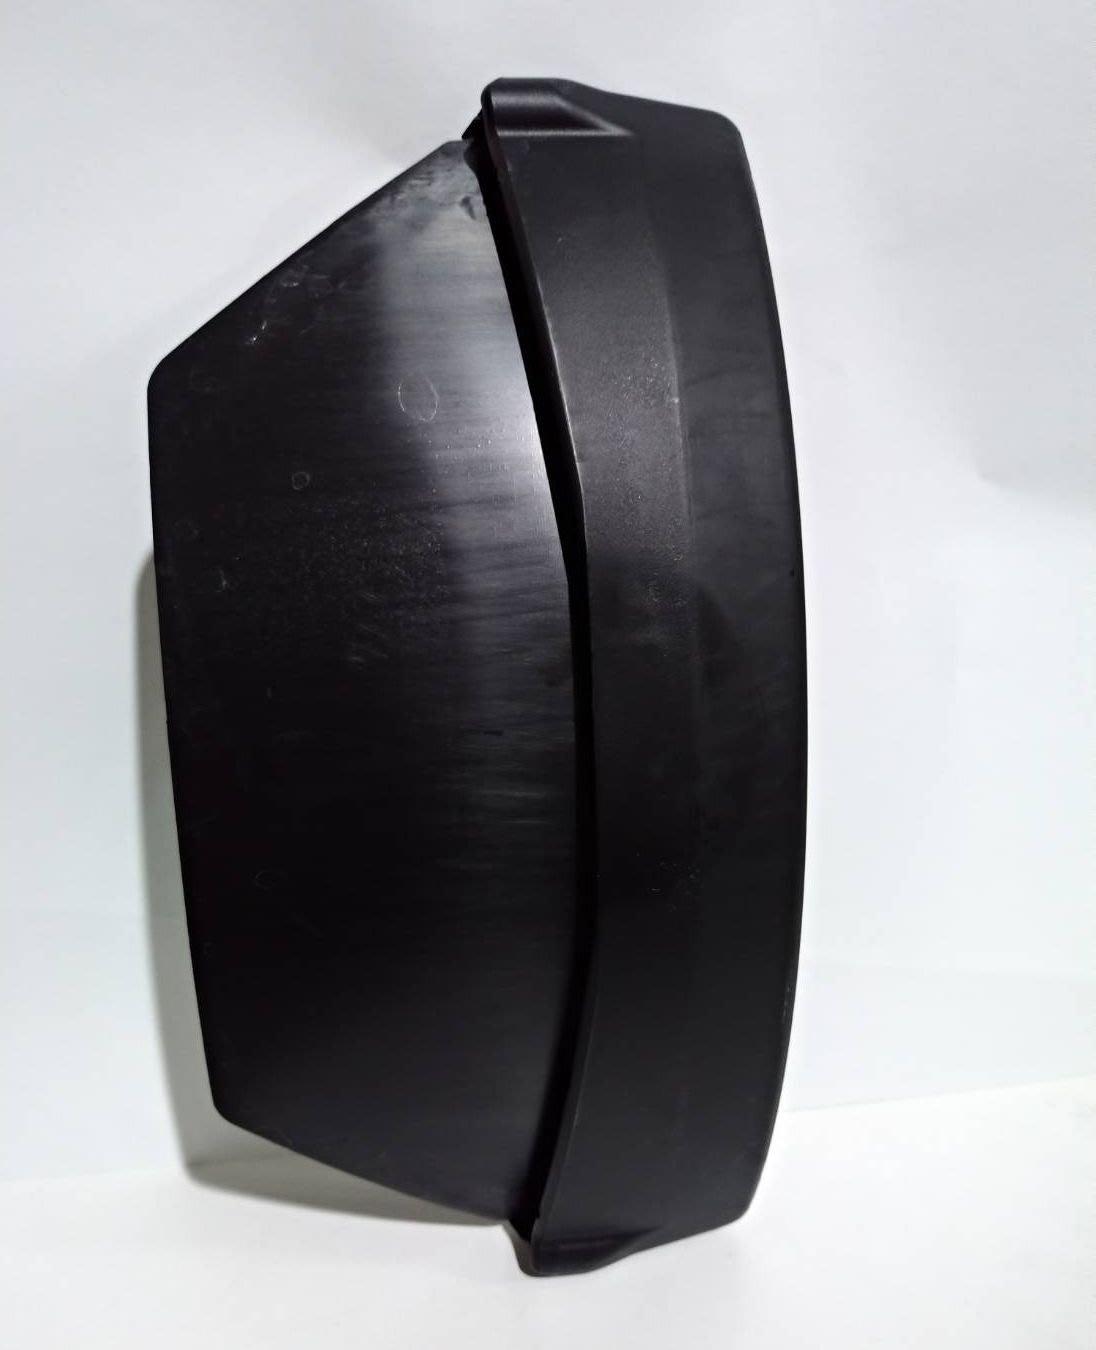 【鎮達】拆胎機配件 好夫曼 3300 拆胎機  大鏟保護套 / 壓胎鏟護膠套